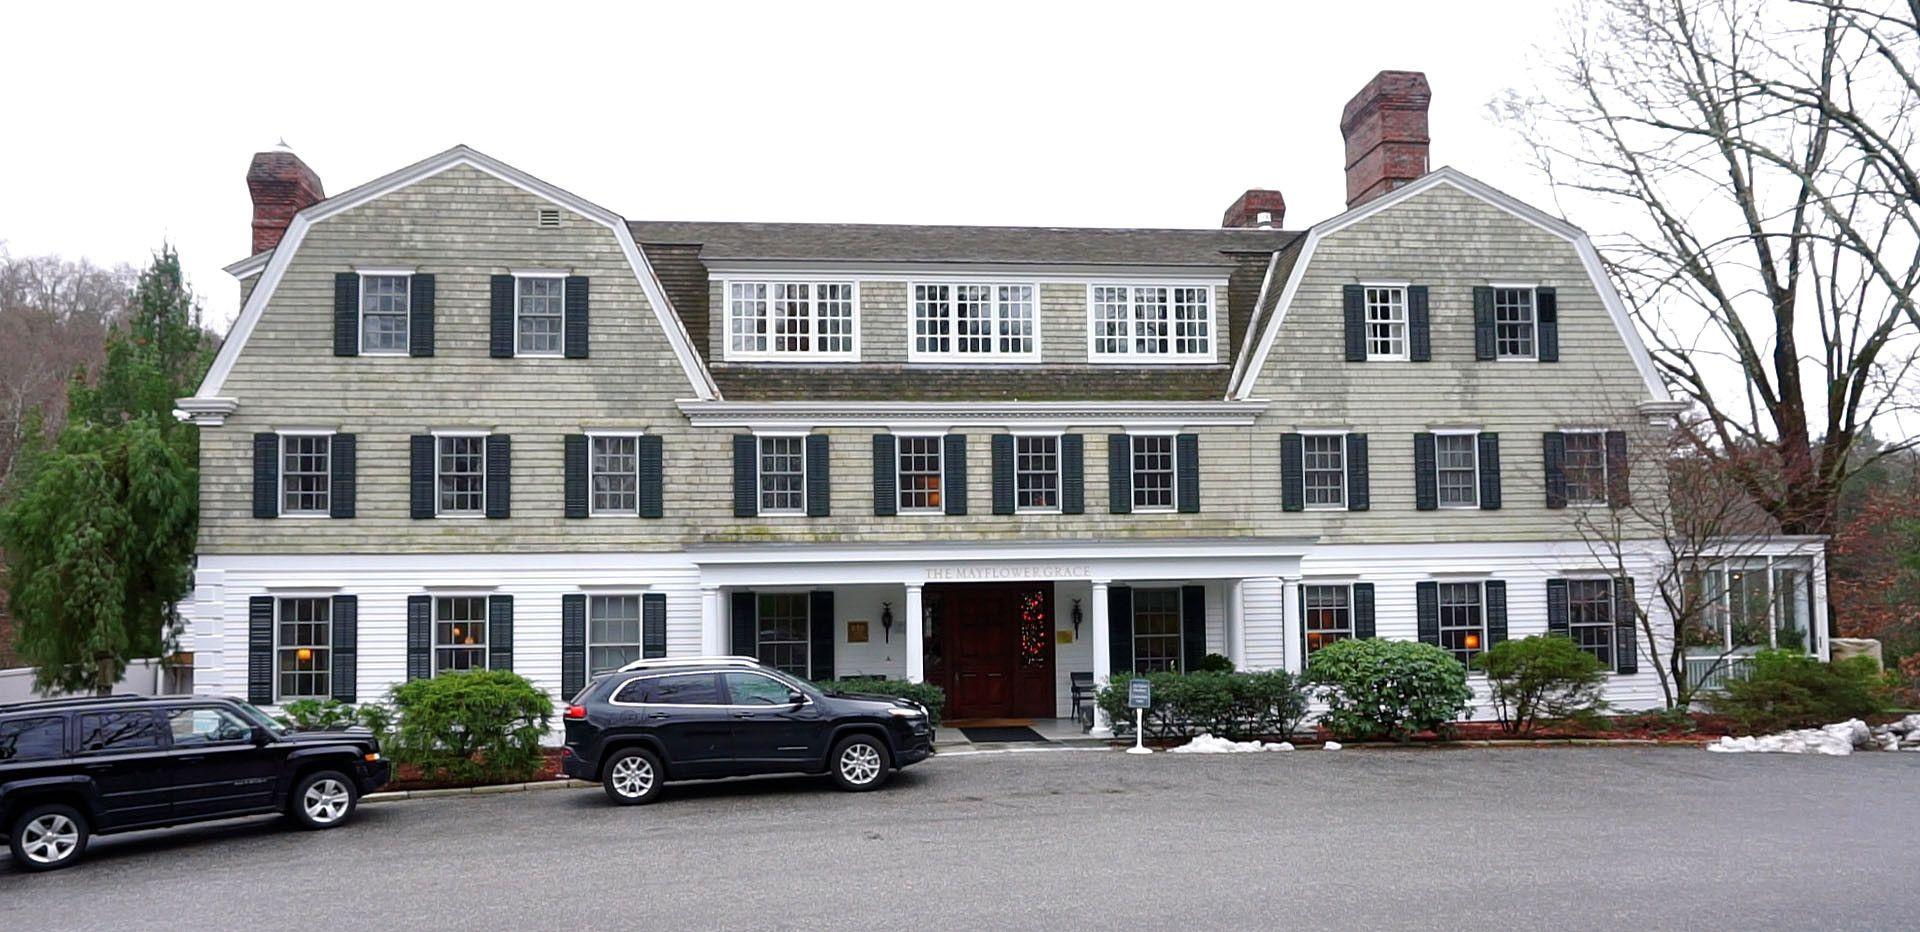 The Mayflower Grace Inn * Washington * CT * The inspiration for Gilmore Girls